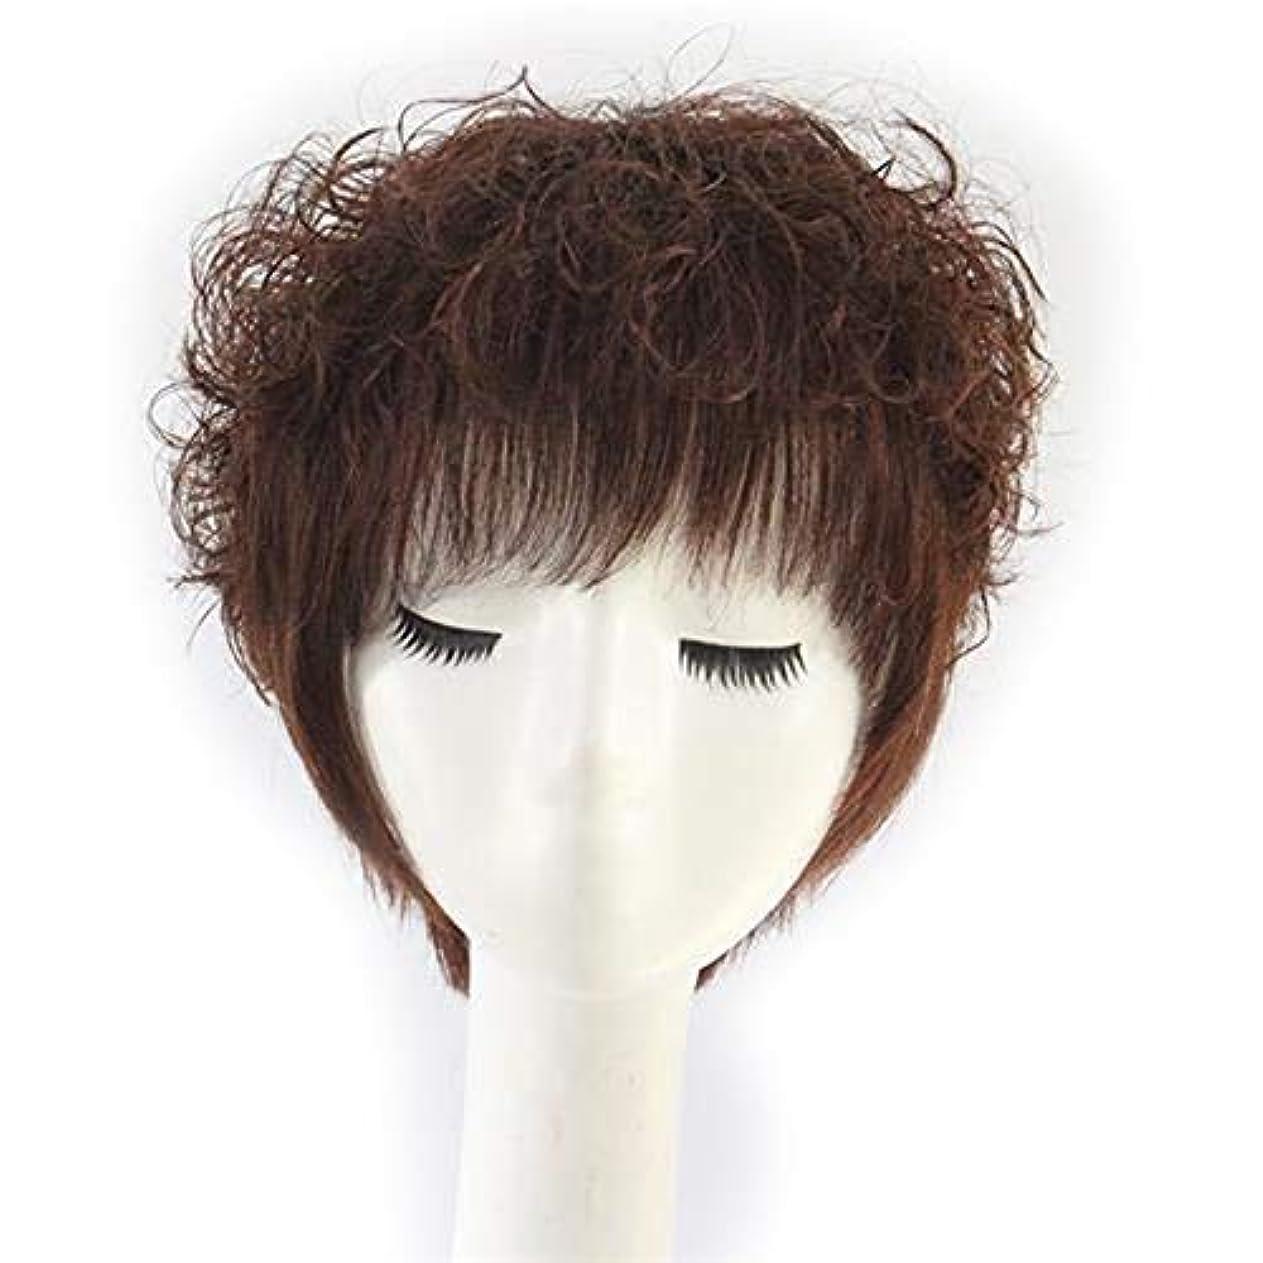 退屈な否認する化石YOUQIU 本物の人間の髪の毛レディショートカーリーヘア耐熱フルウィッグウィッグウィッグ中年 (色 : Natural color)